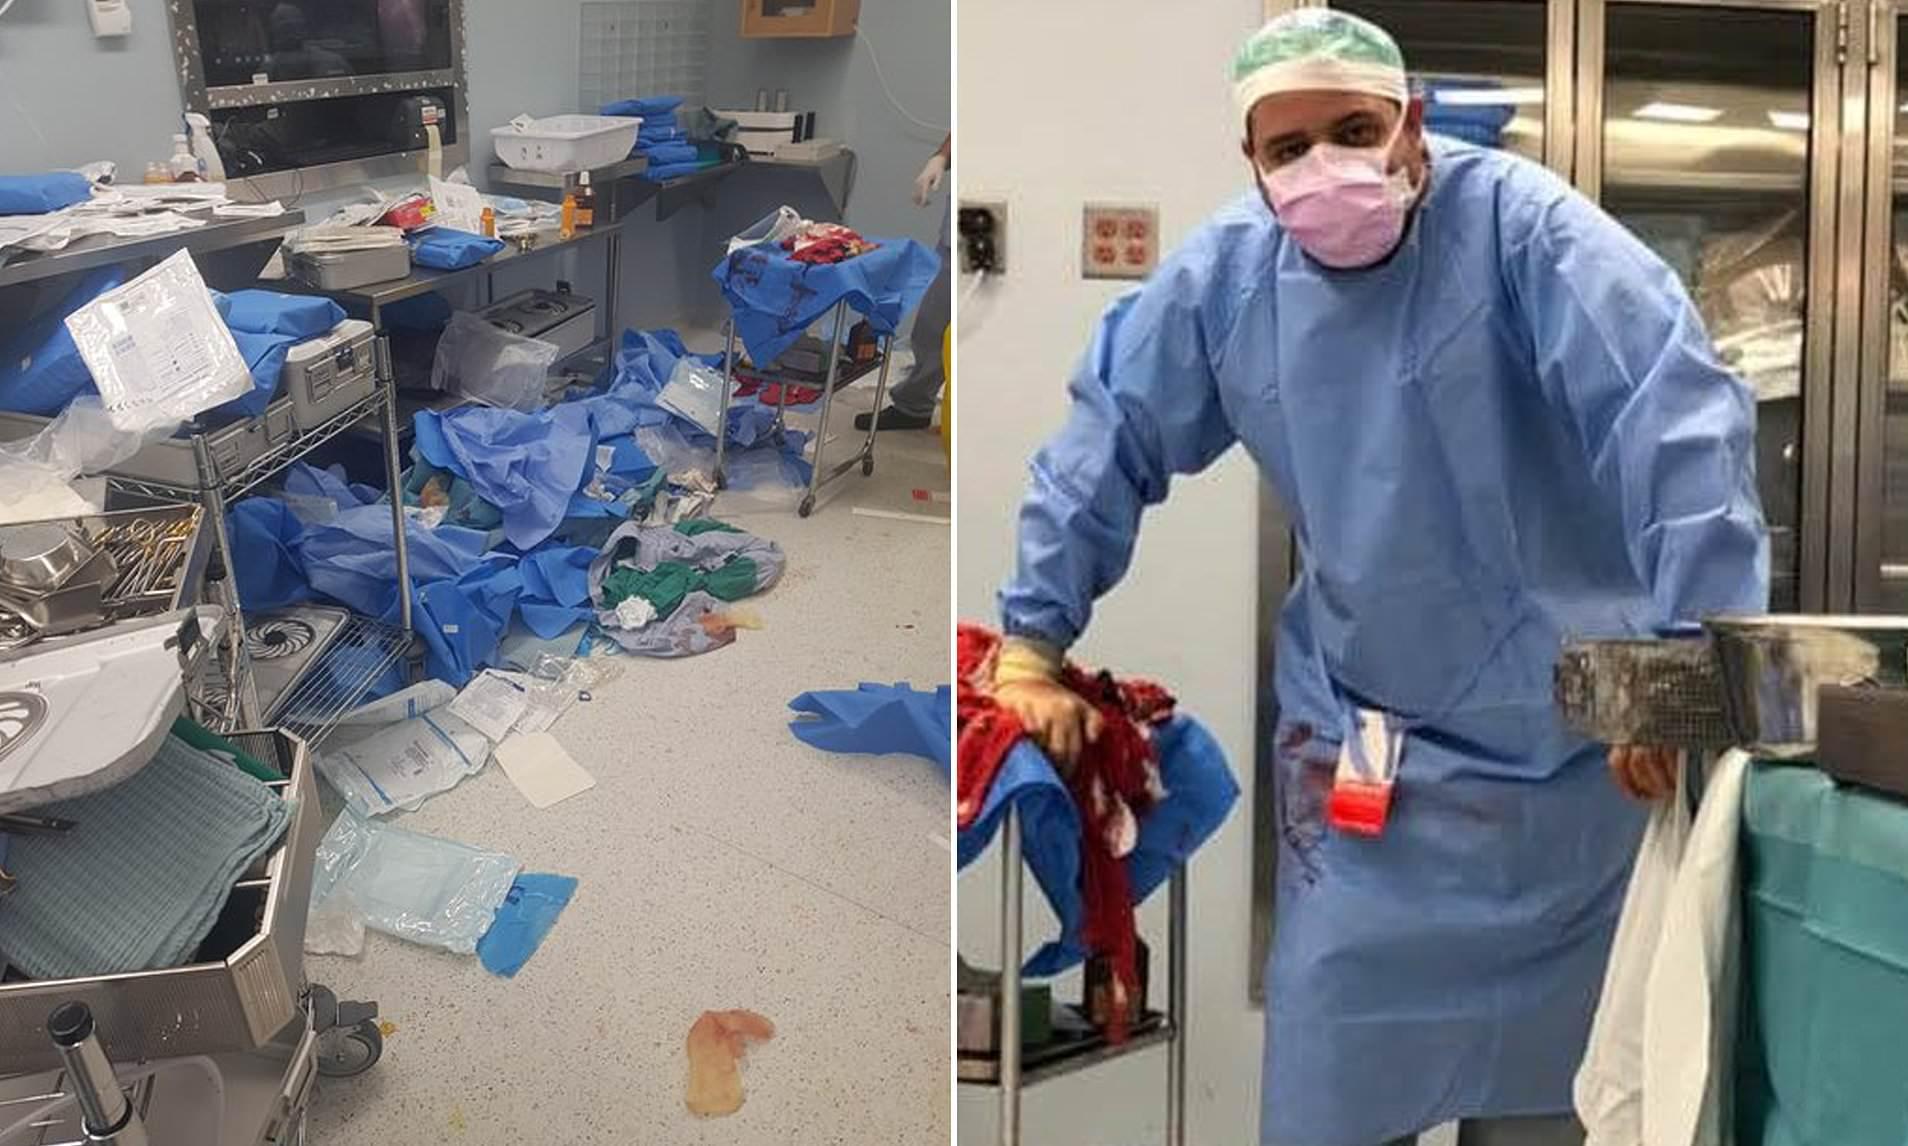 Turni 52 orësh i mjekut në Bejrut: Mes gjakut, plagëve, në një spital gjysmë të shkatërruar